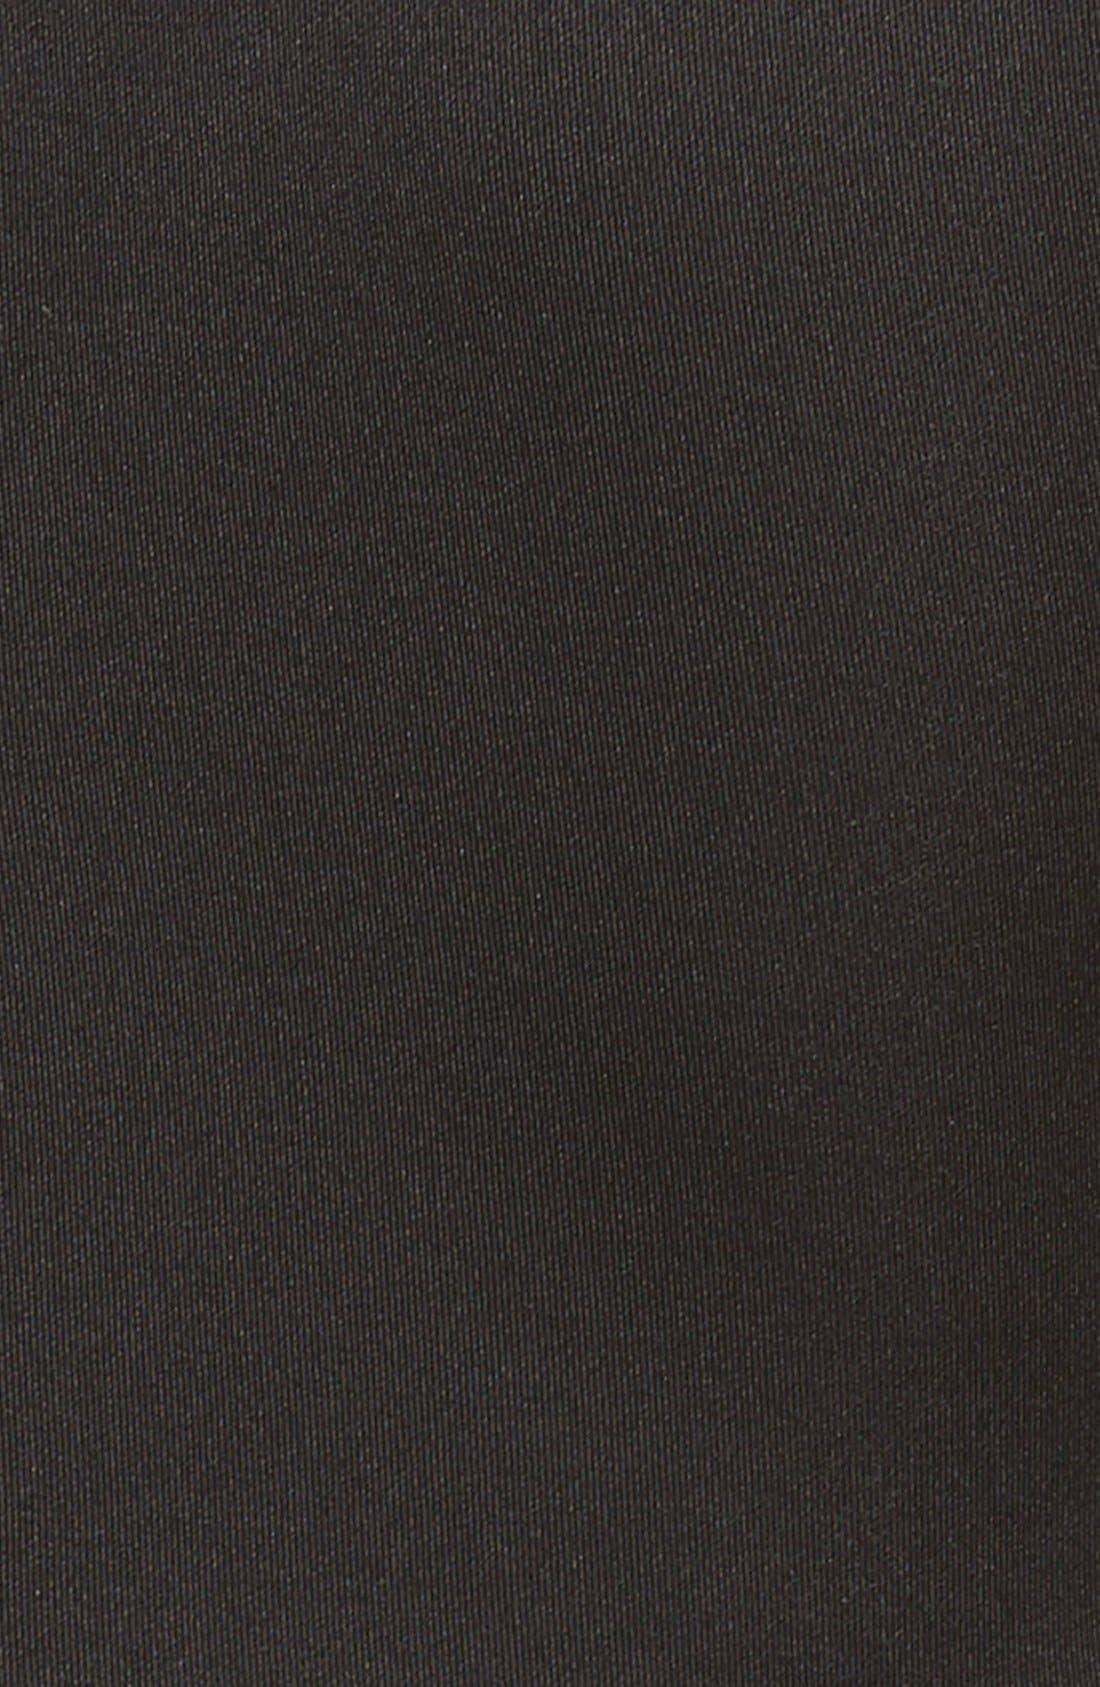 Alternate Image 3  - MINKPINK 'Stagnant' Jersey Fit & Flare Dress